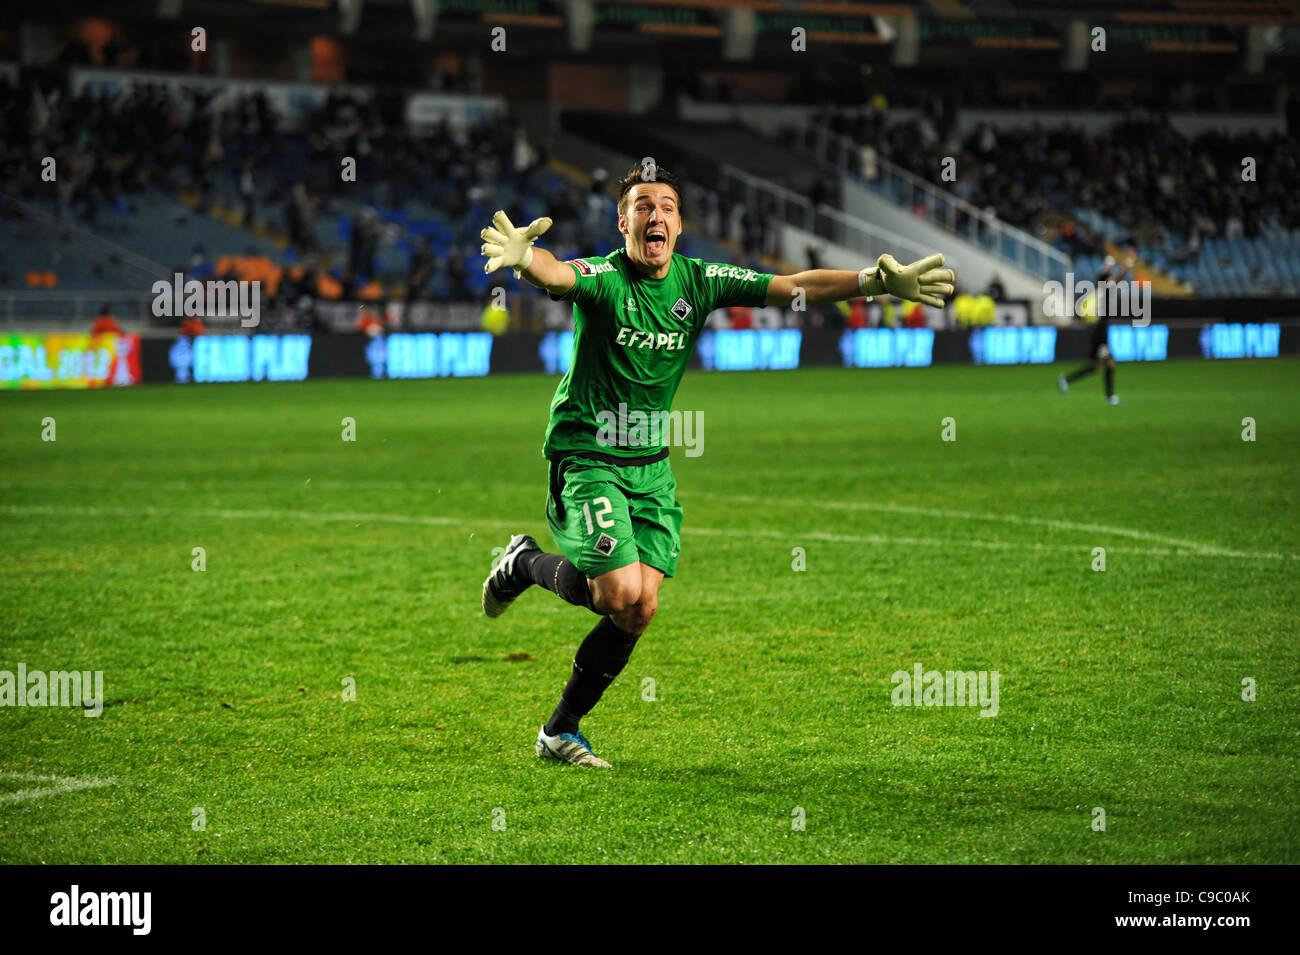 Goalkeeper celebrating his team's goal - Stock Image